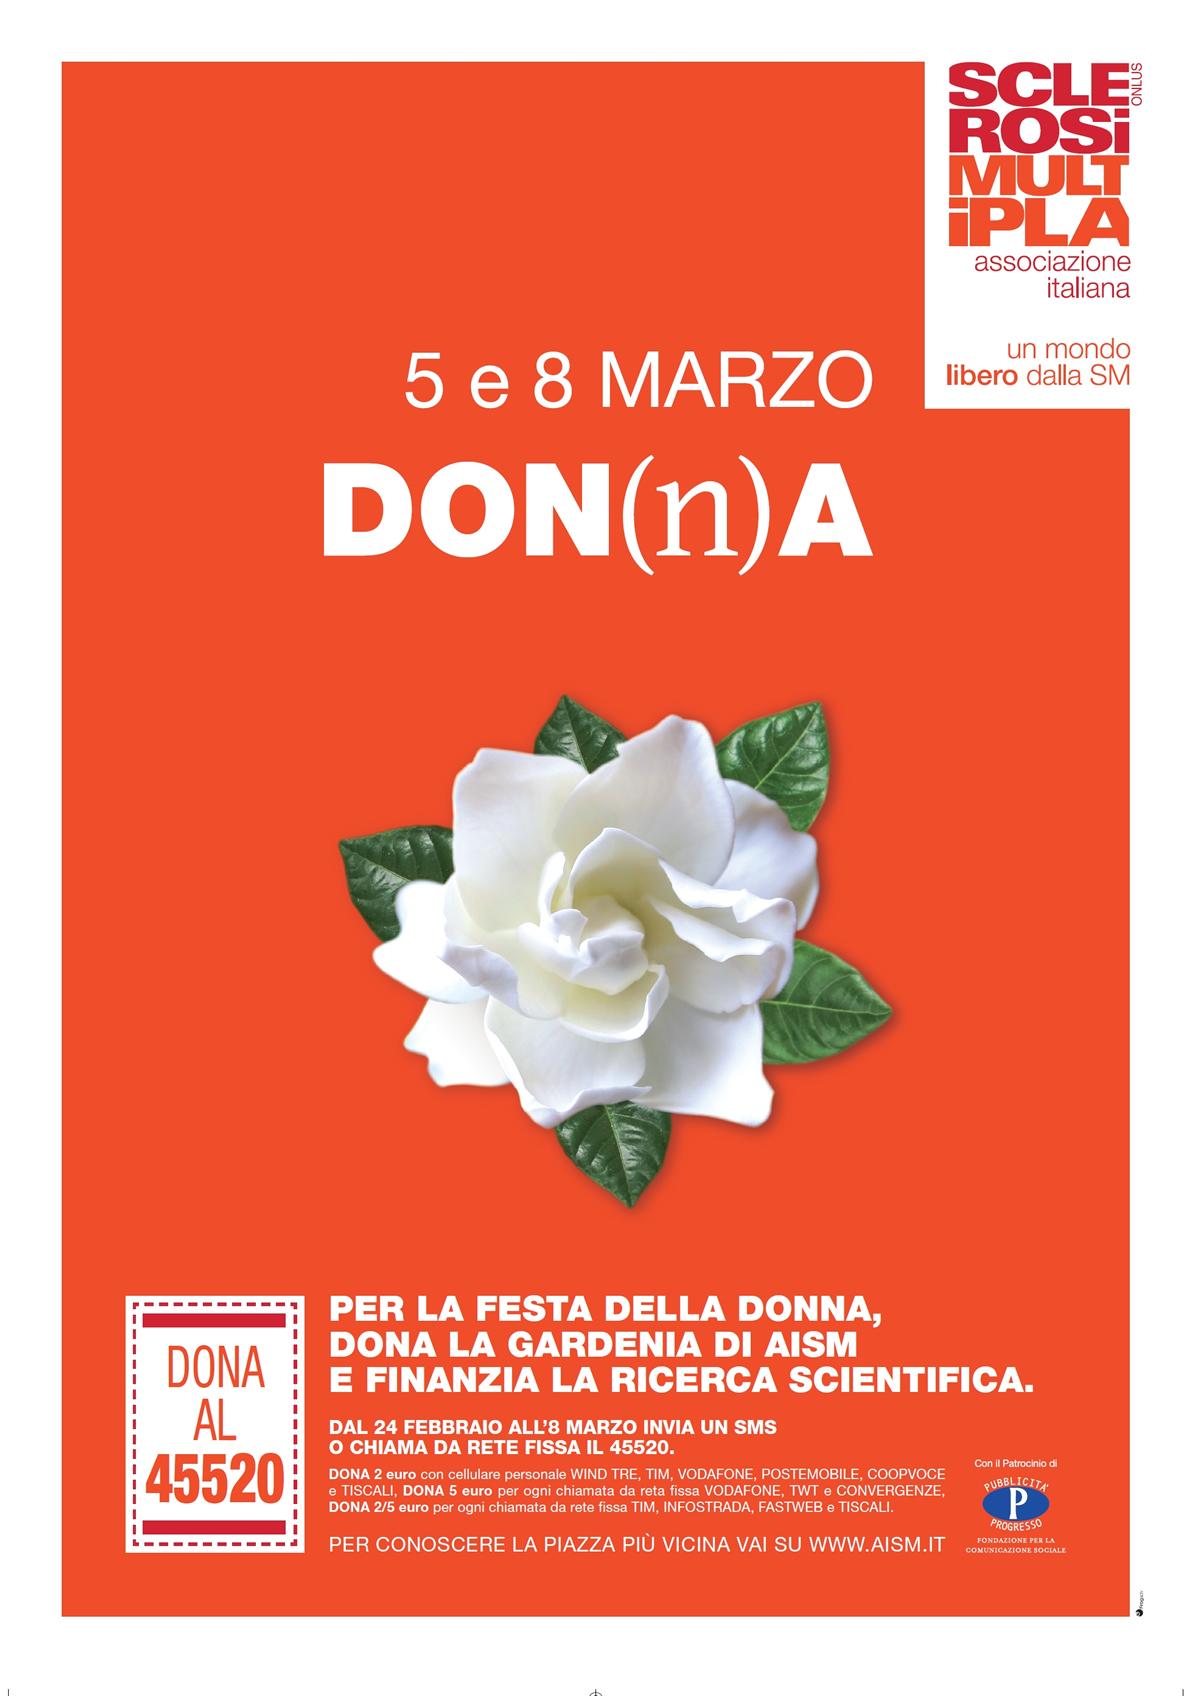 Domenica 5 e mercoledì 8 marzo torna La Gardenia di AISM